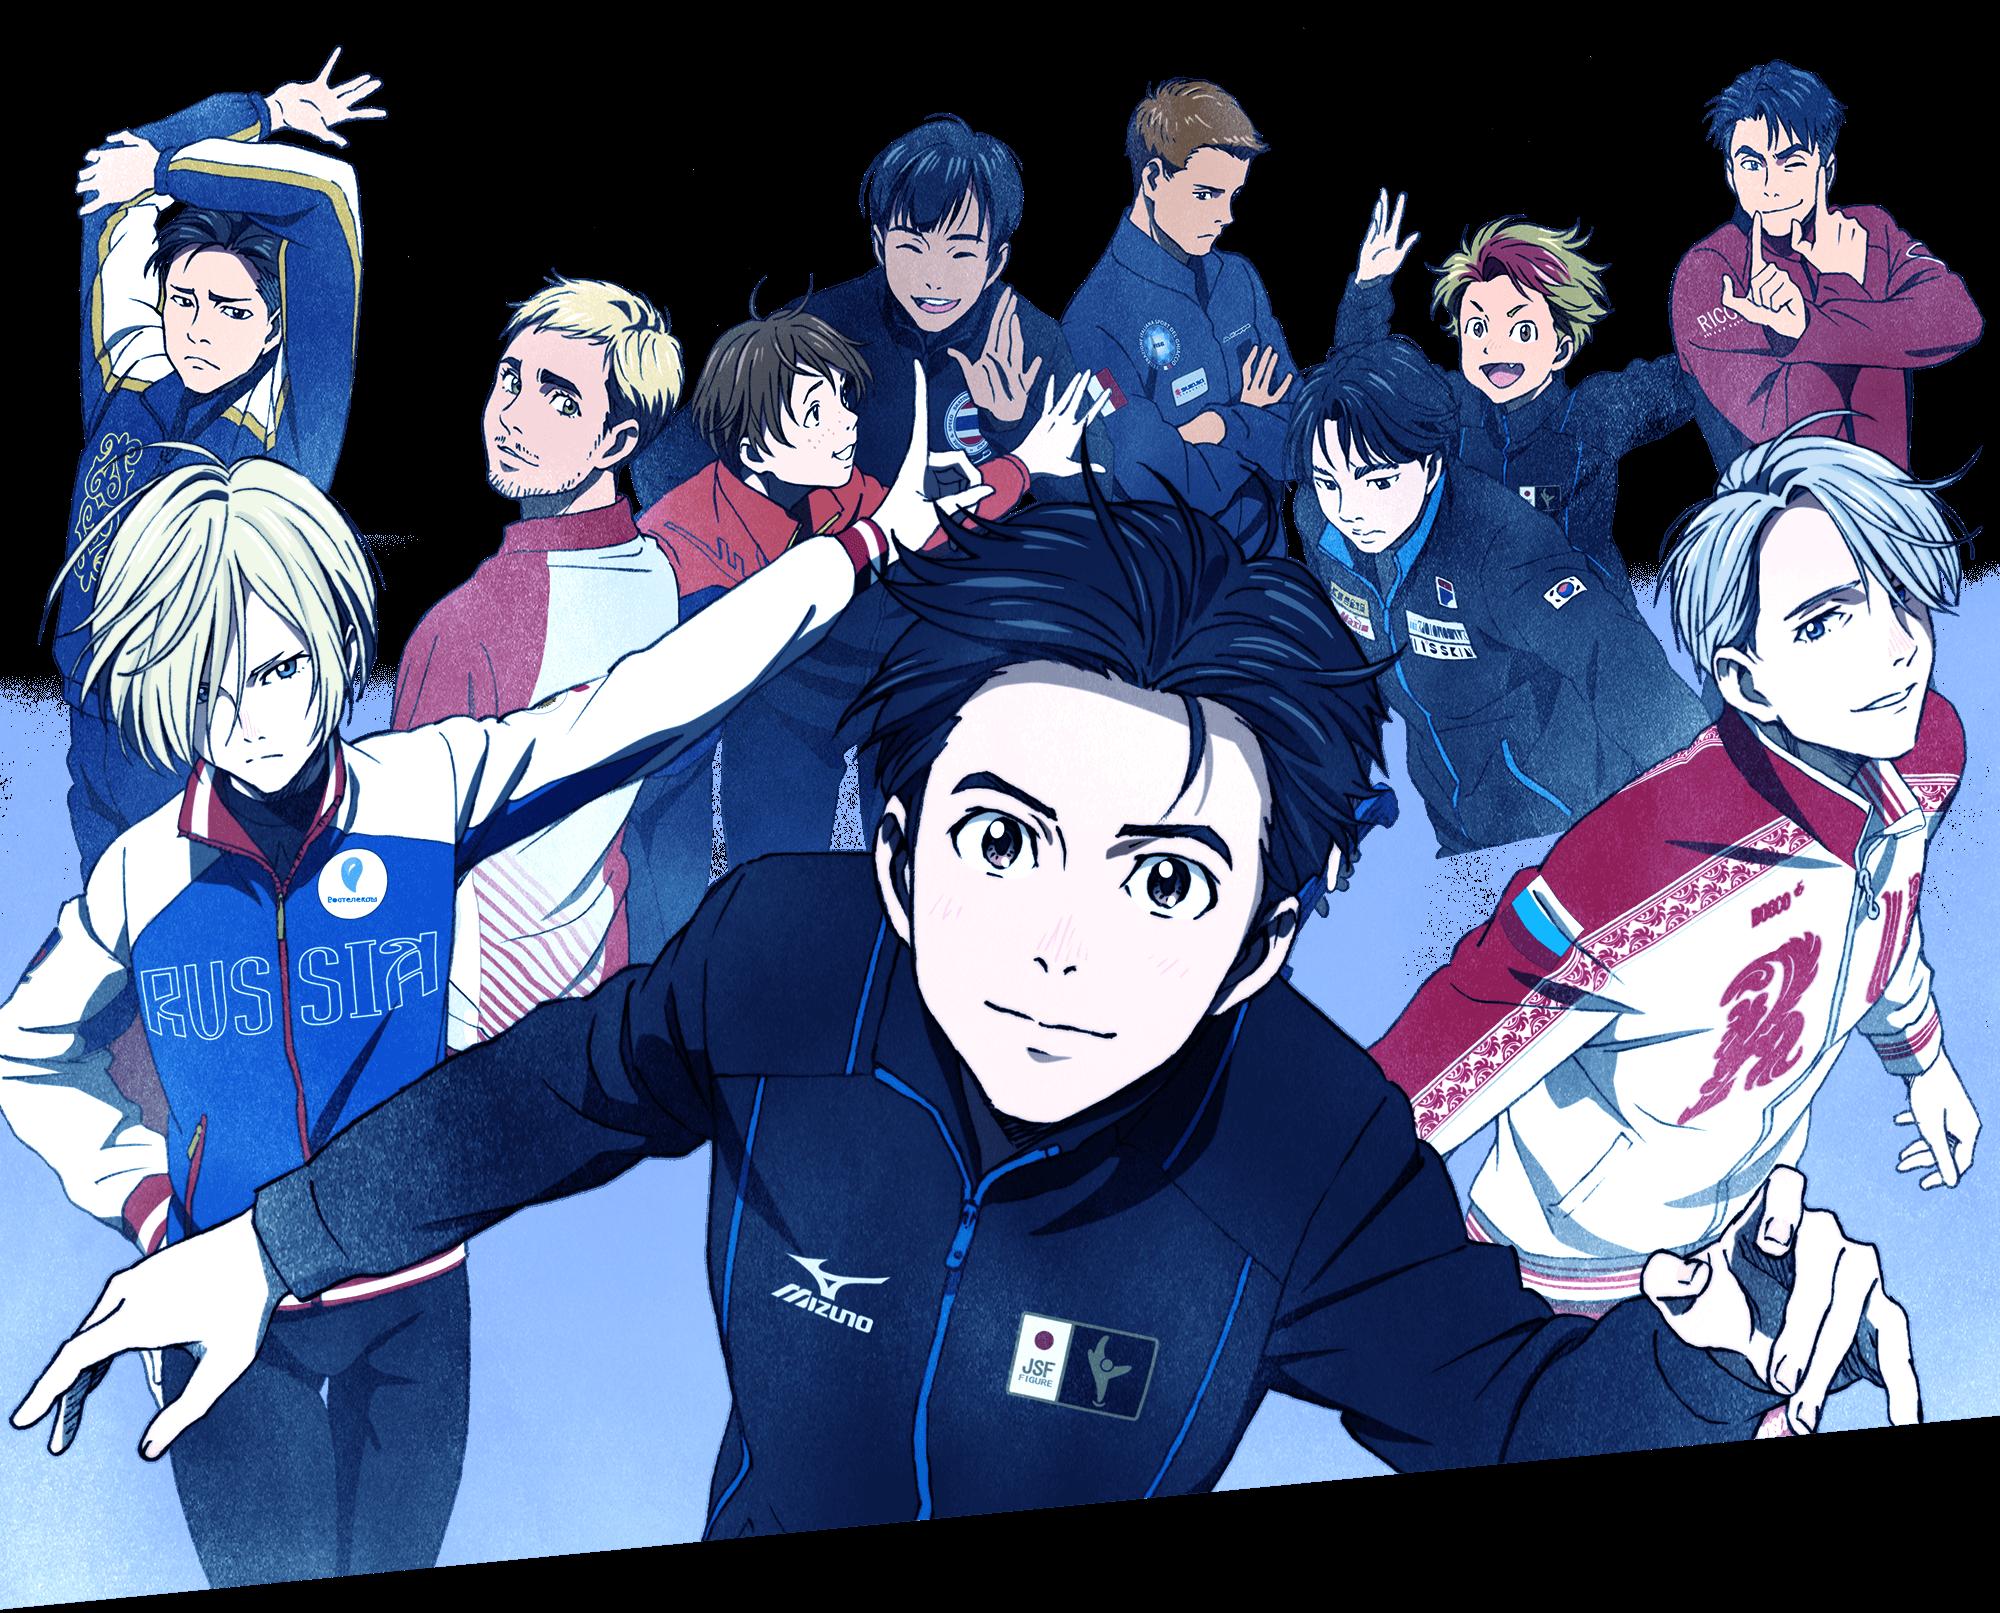 ユーリ!!!on ICE。フィギュアスケートのアニメ放送決定!課題は「羽生を超えられるか」?